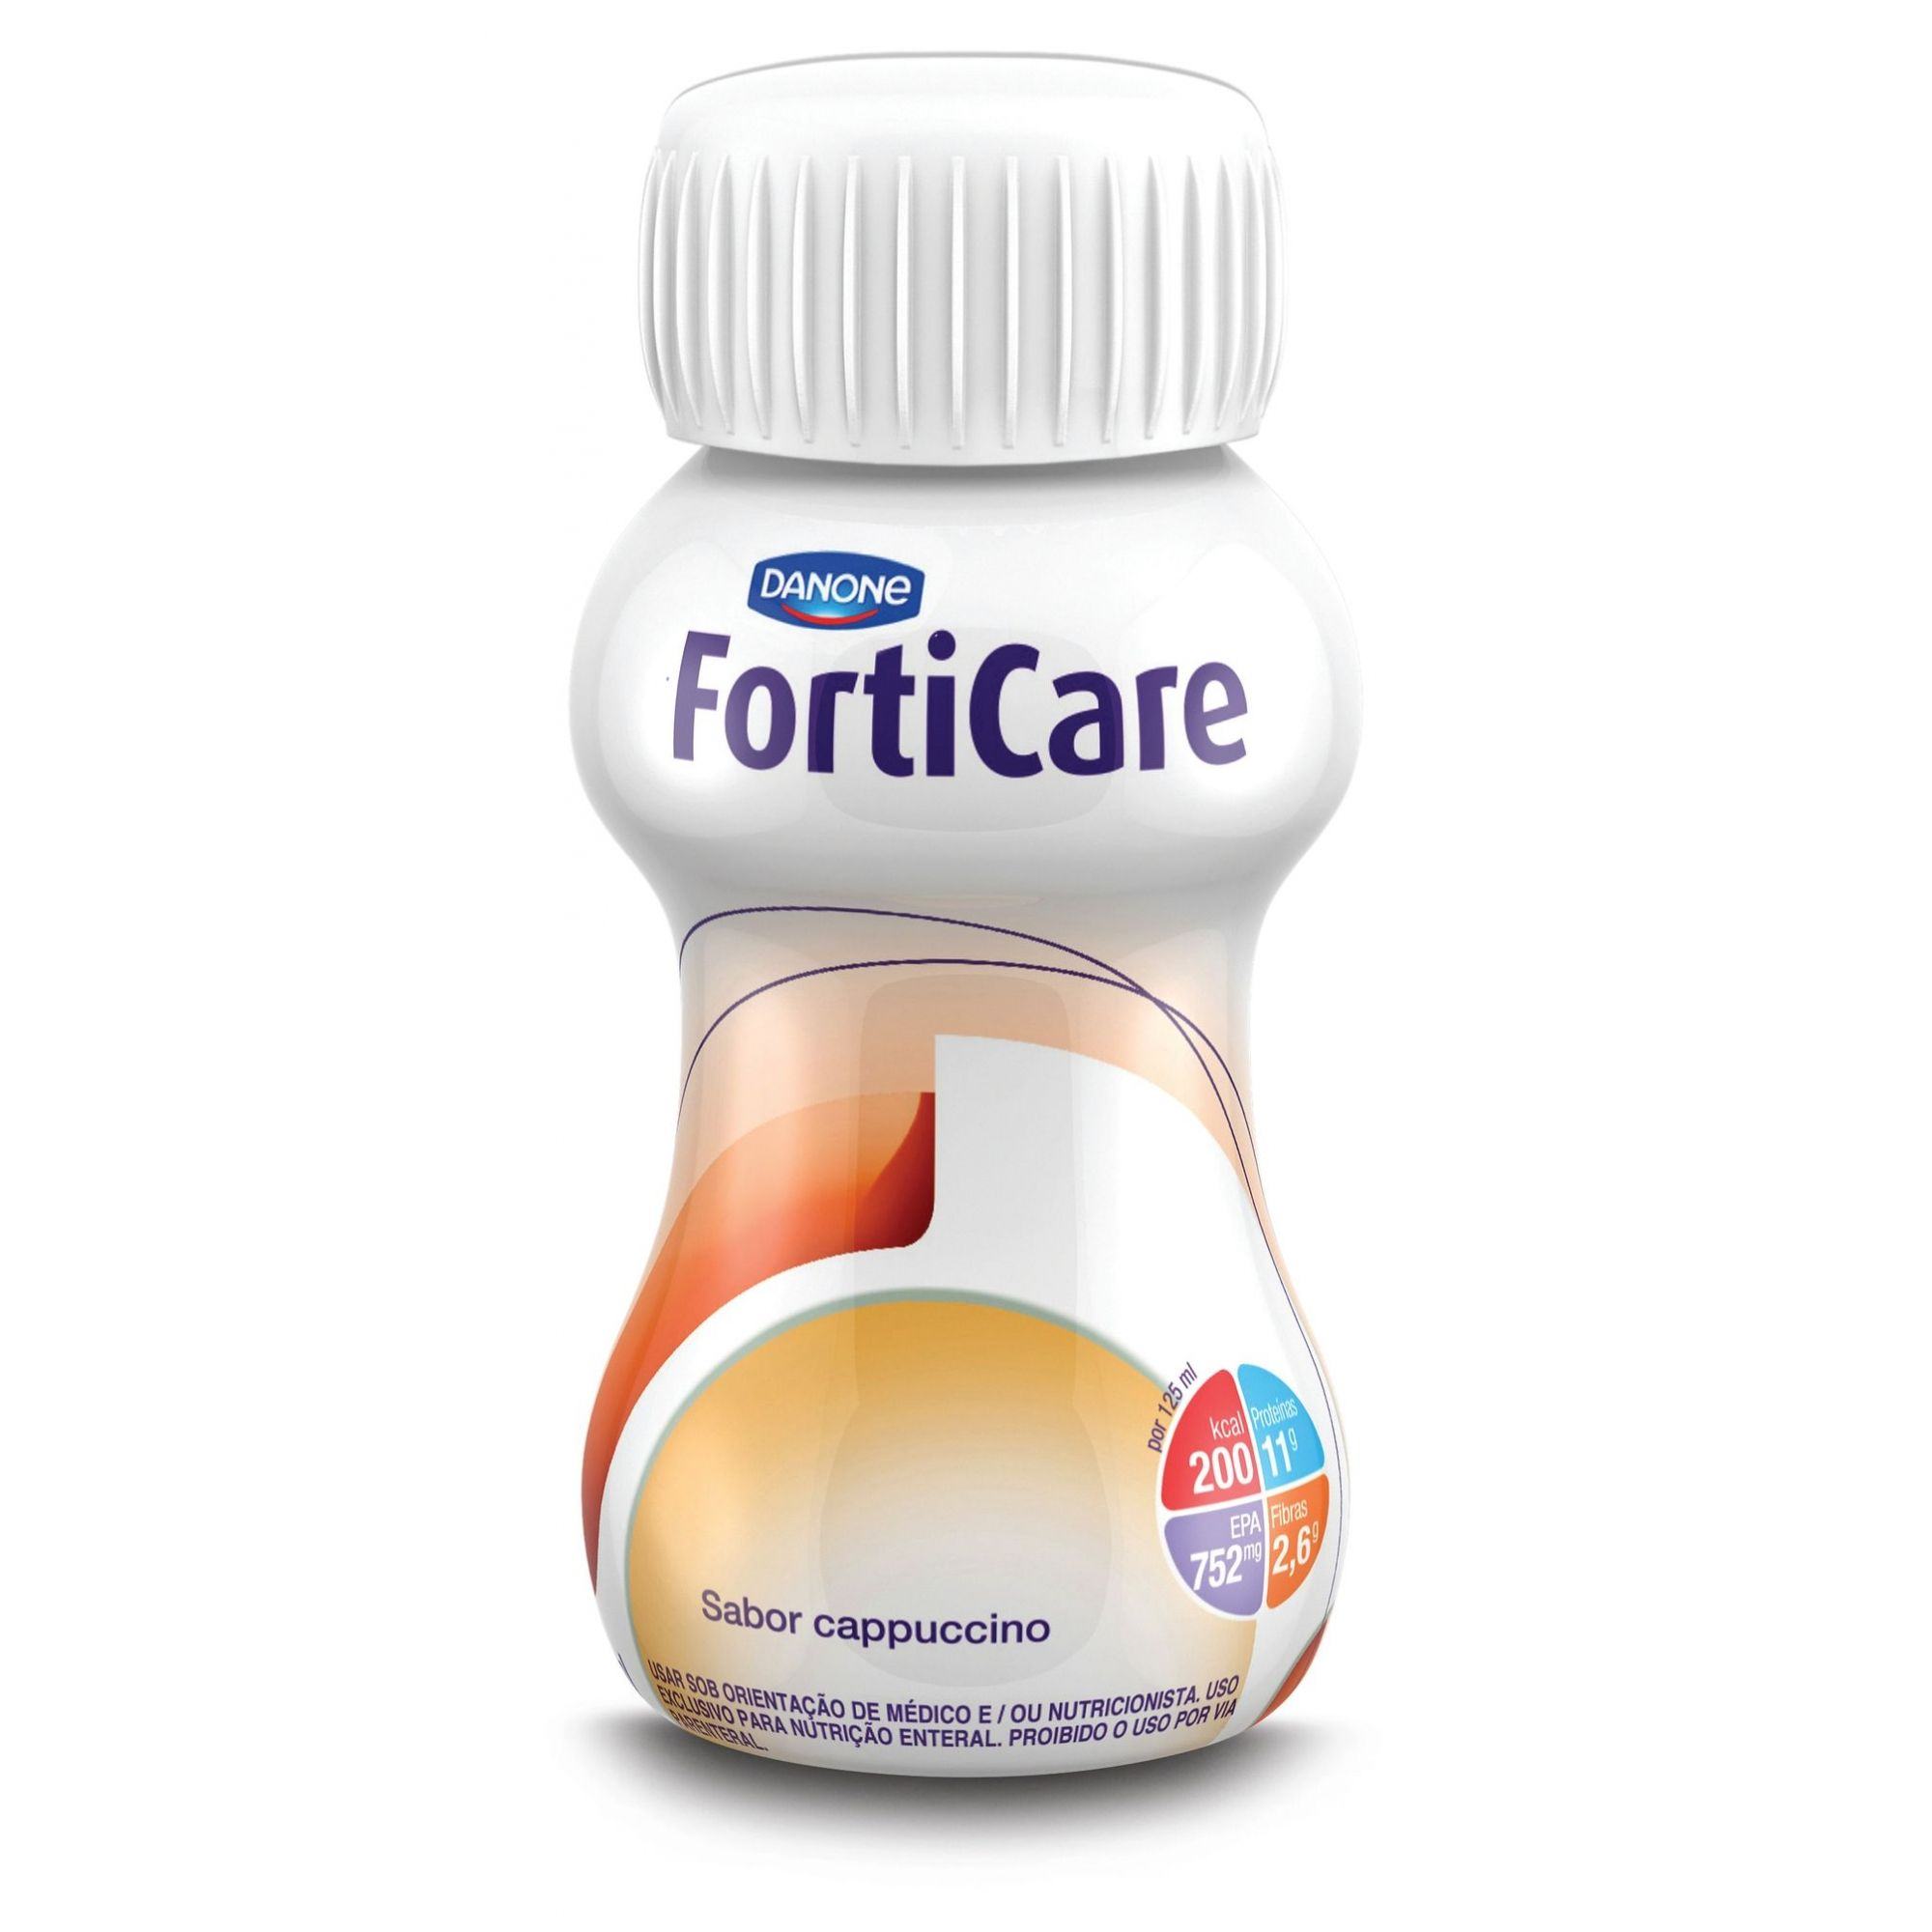 Forticare Cappuccino - 125 mL - (Danone)